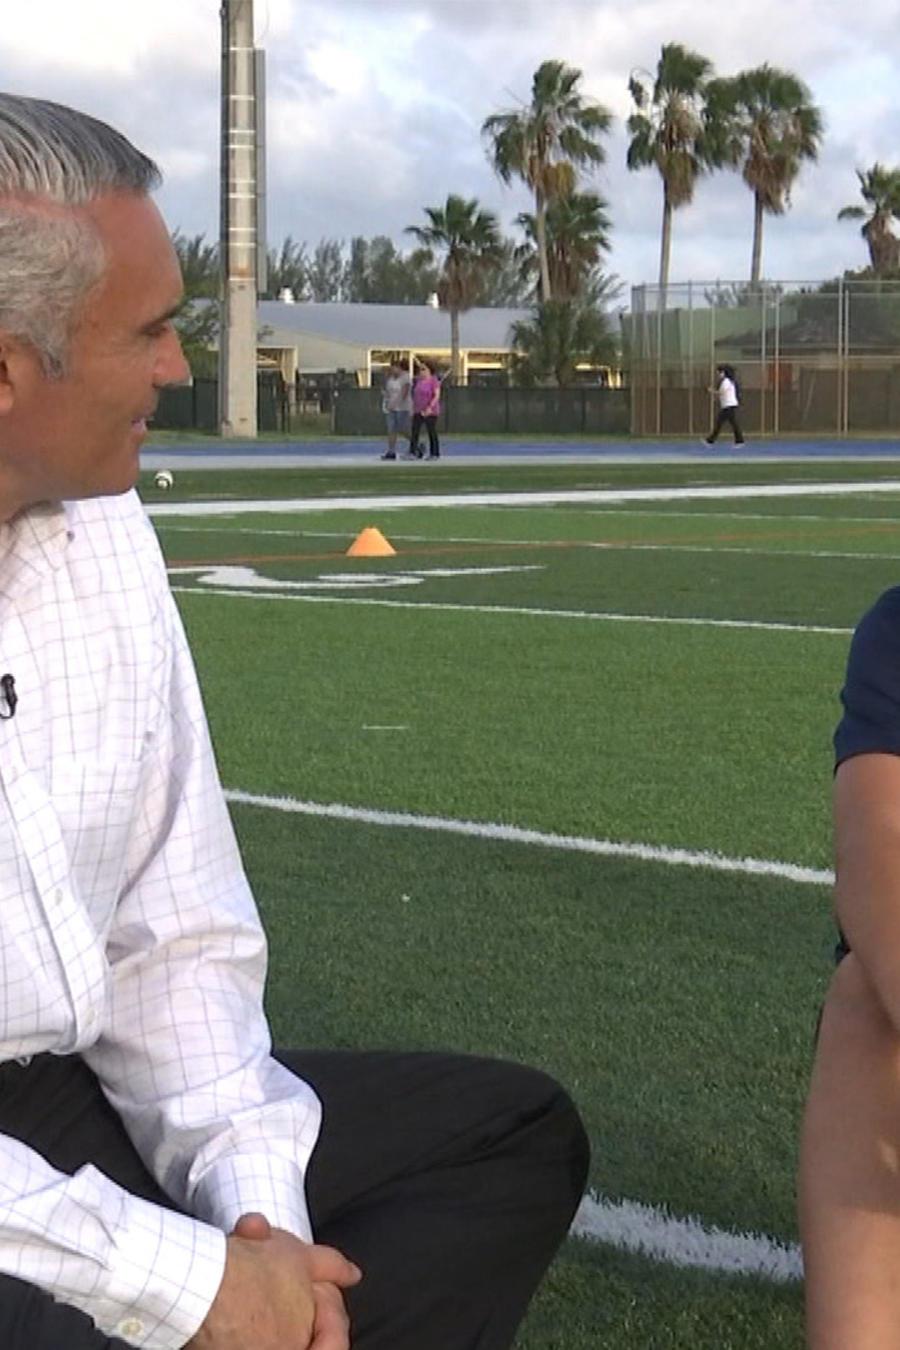 Aumenta el interés por el fútbol en niños de EEUU